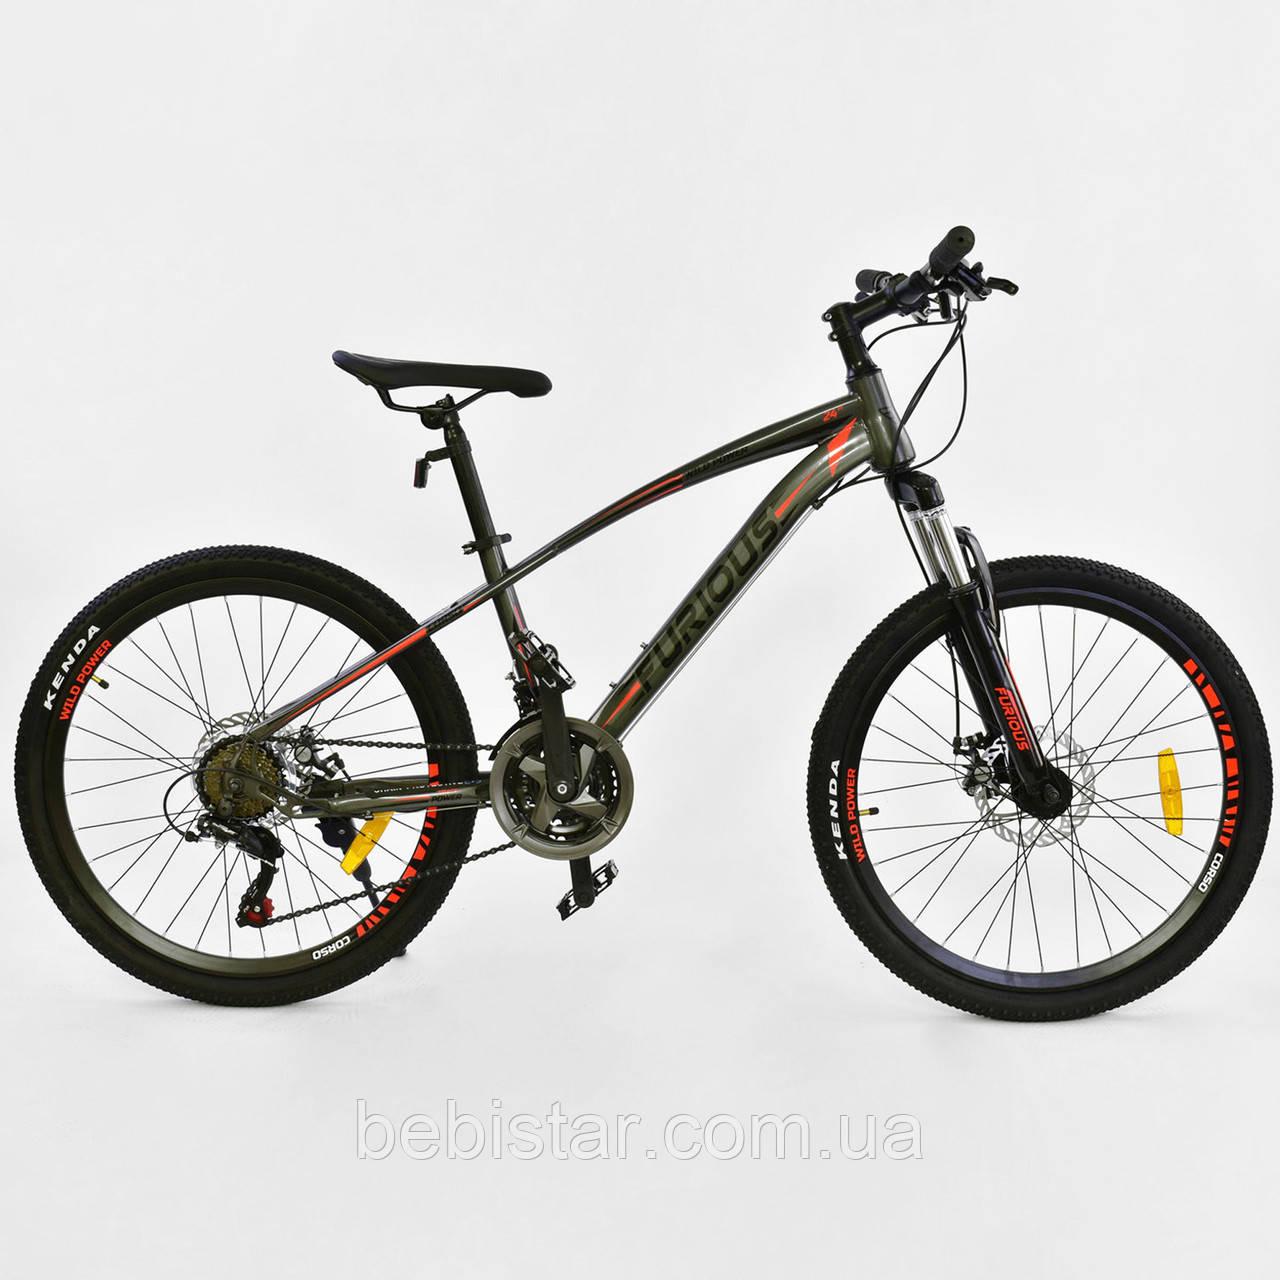 """Детский спортивный велосипед серый CORSO Furious24'' металлическая рама13"""" 21 скорость детям от8 лет, от130 см"""